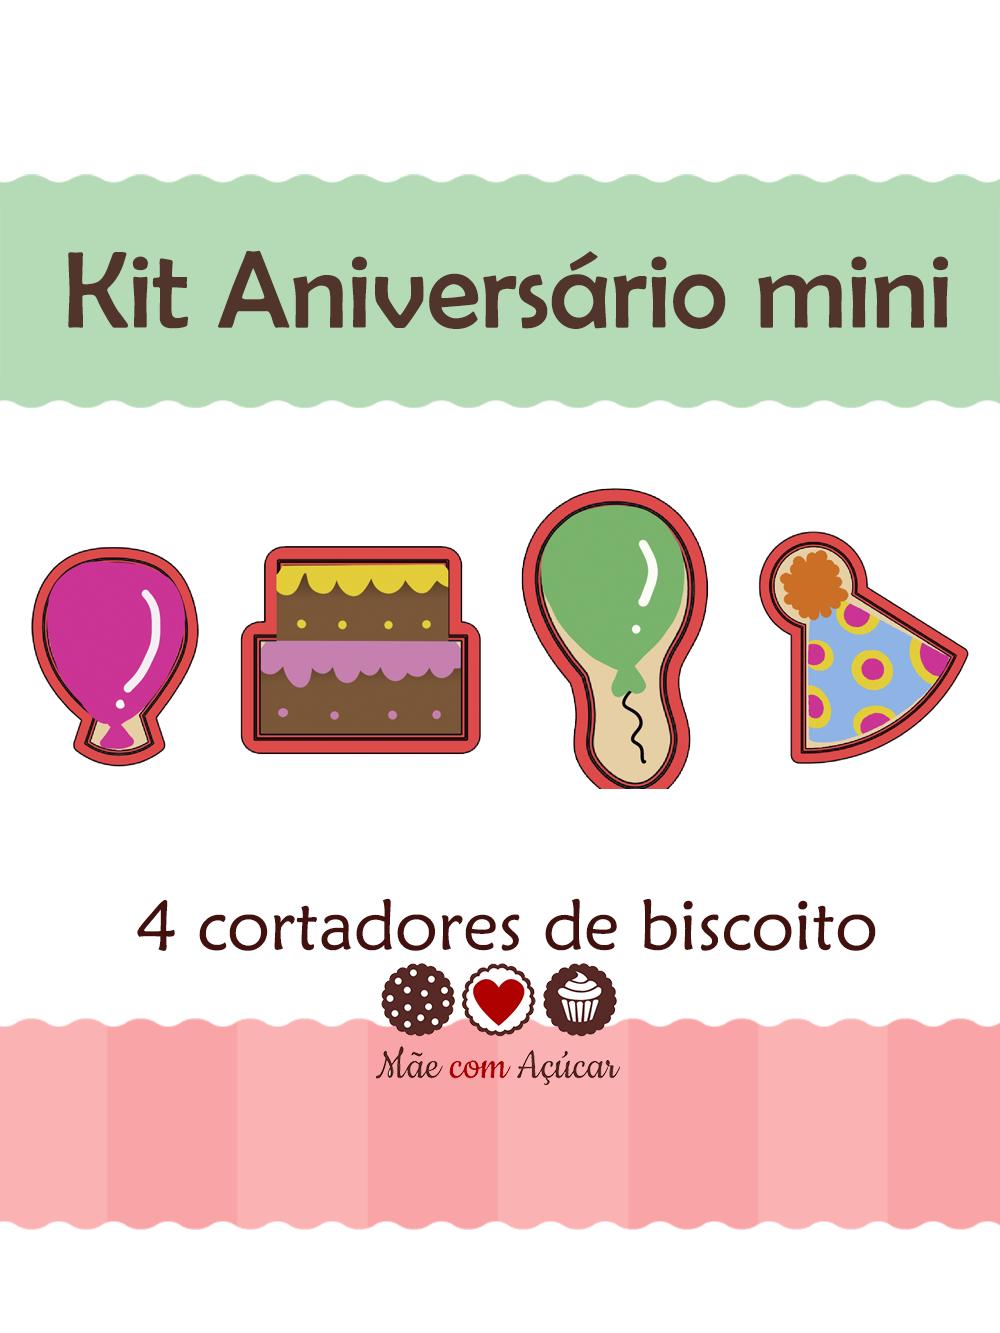 Kit de Cortadores de Biscoito mini Tema Aniversário